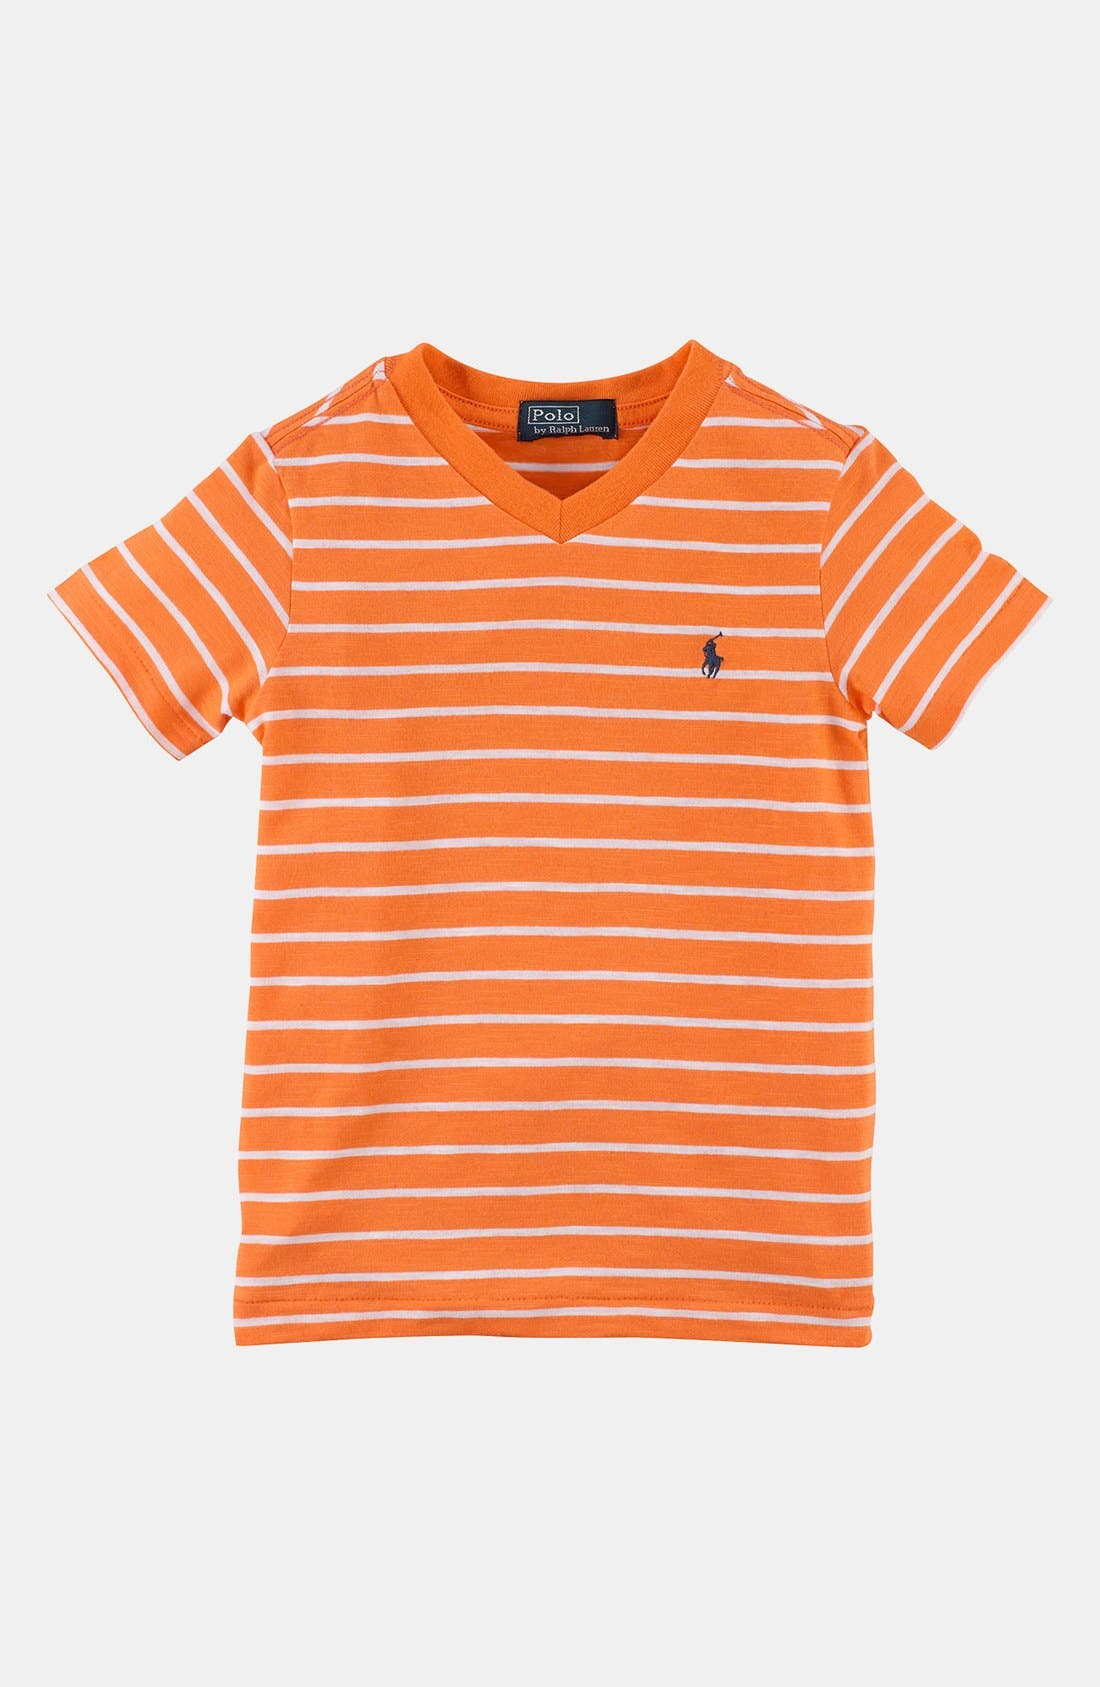 Alternate Image 1 Selected - Polo Ralph Lauren V-Neck T-Shirt (Toddler Boys)